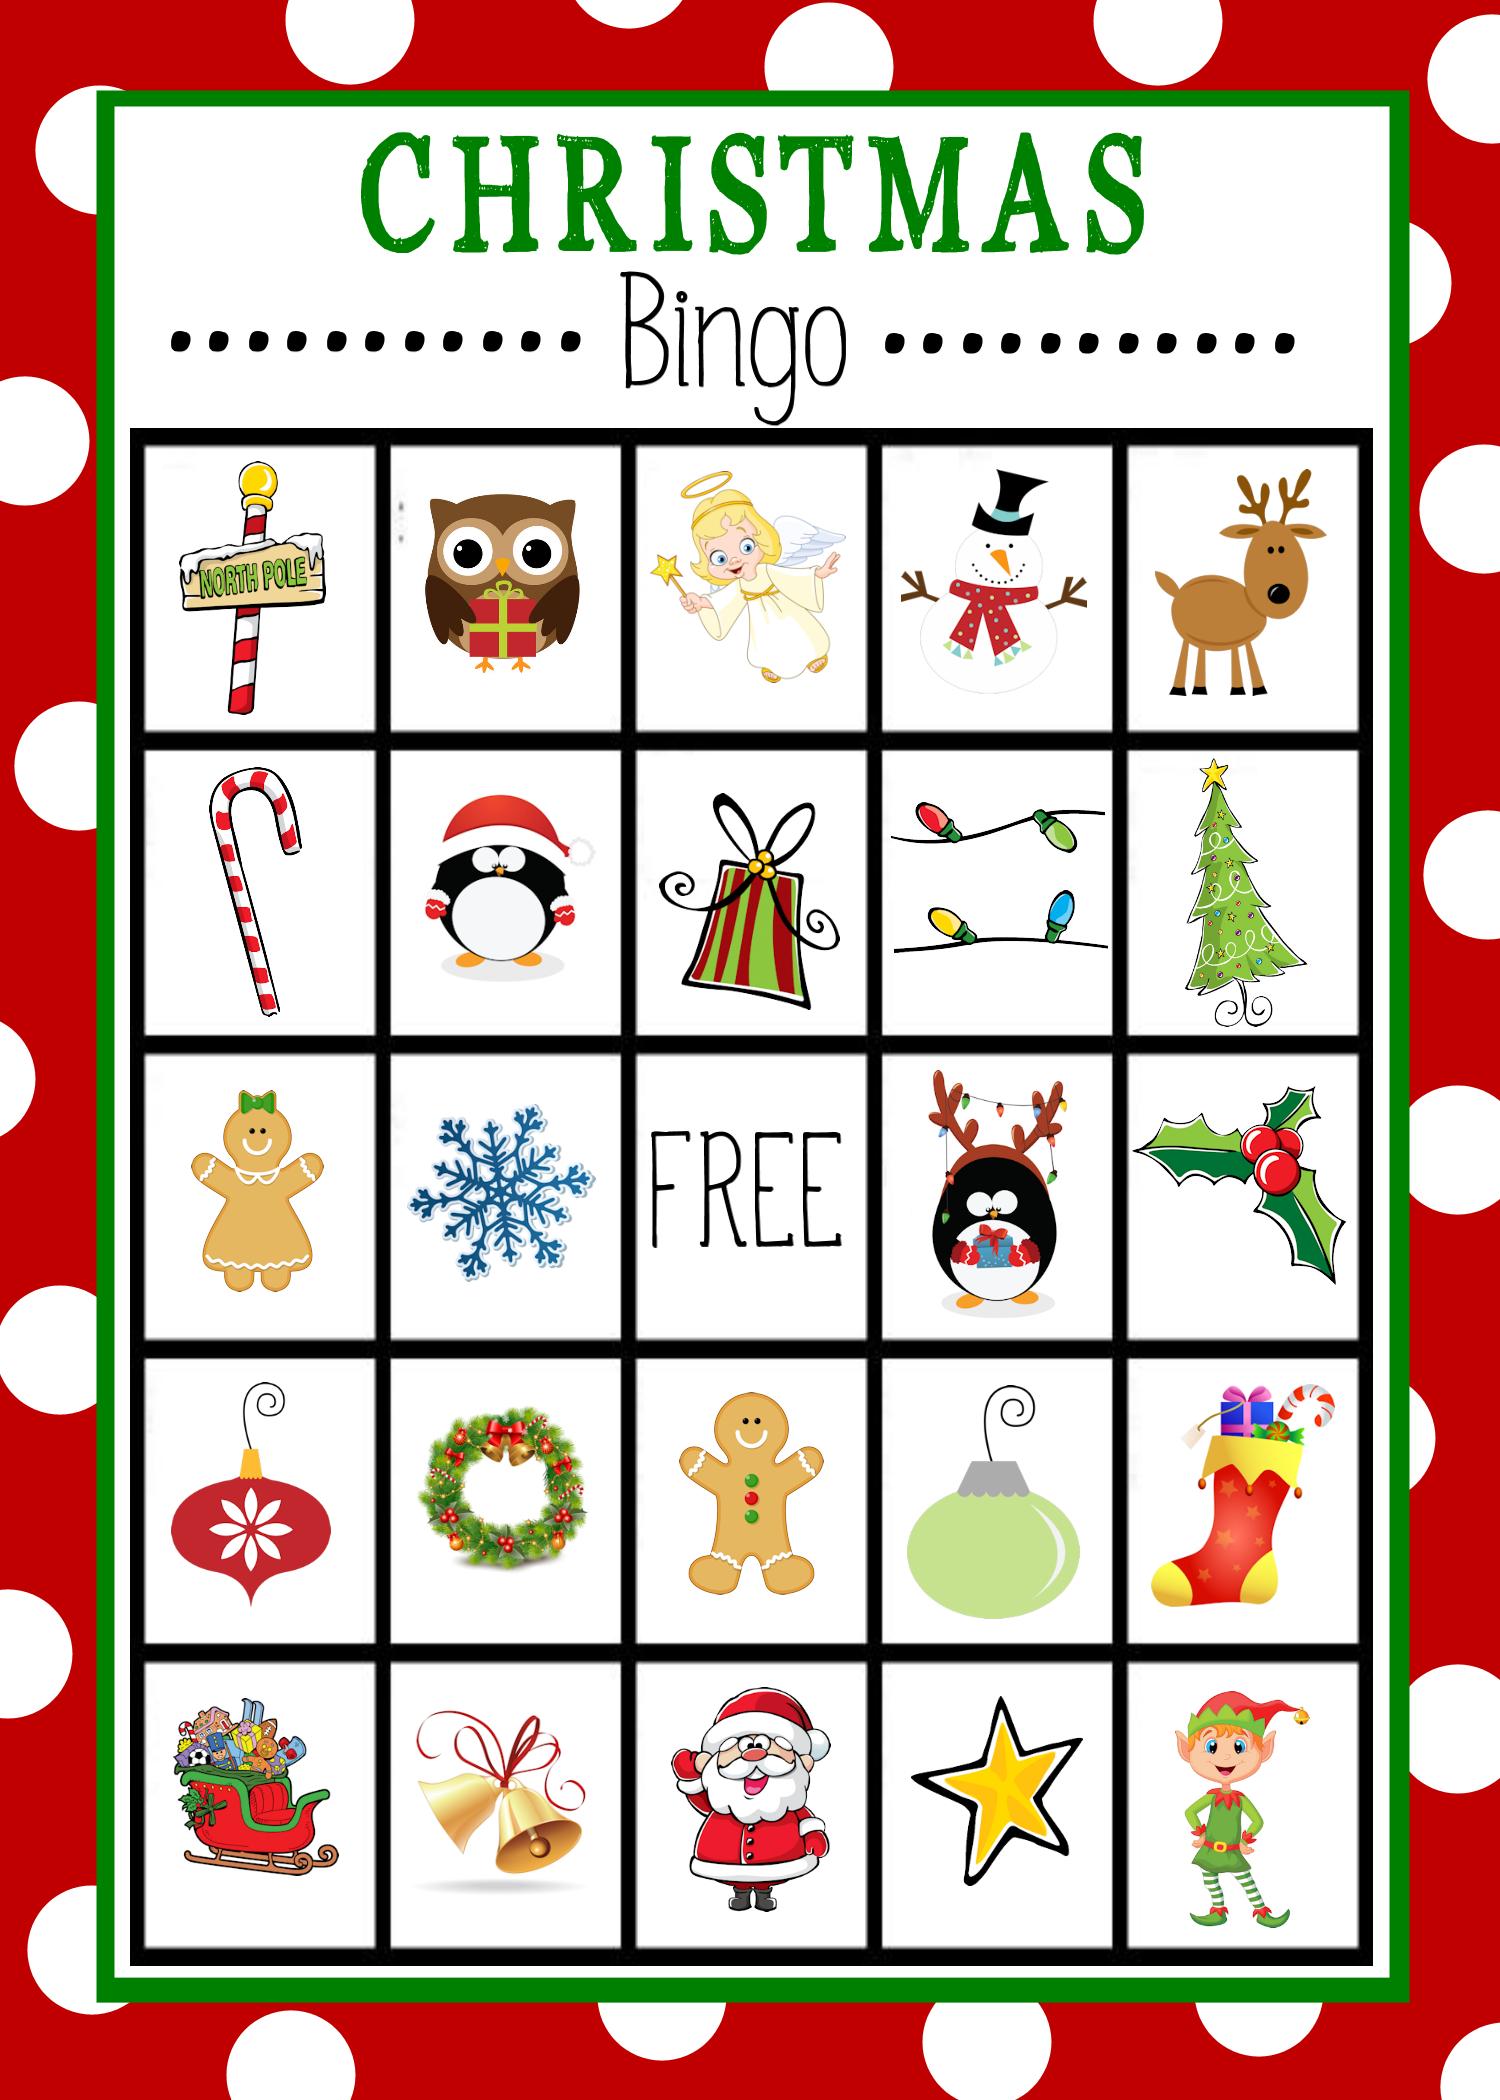 Free Printable Christmas Bingo Game   Christmas   Christmas Bingo - Free Printable Christmas Bingo